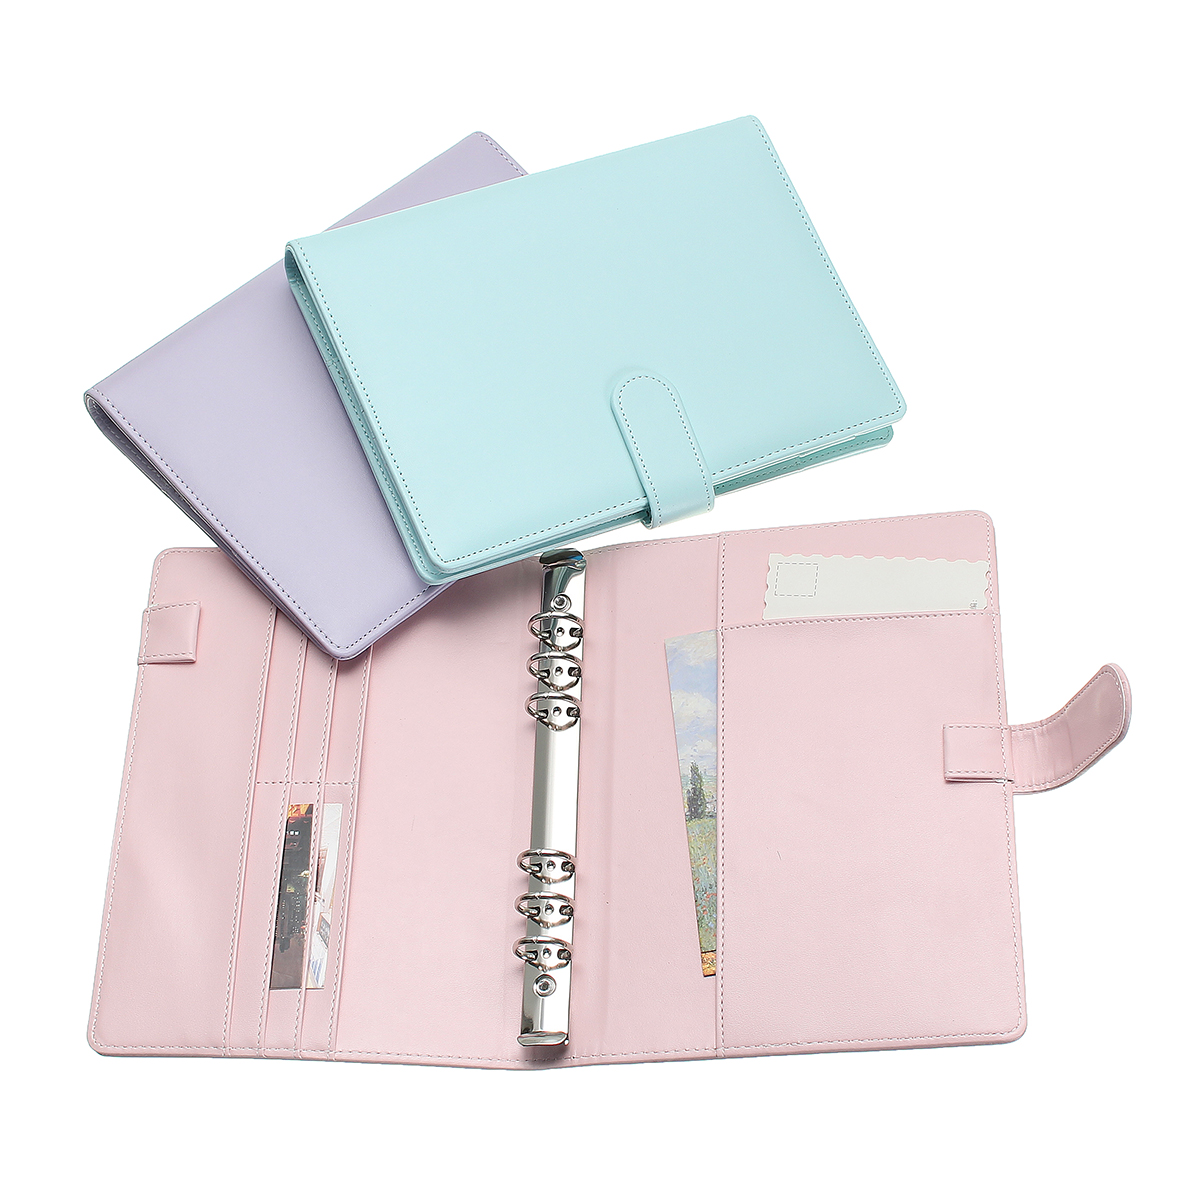 Kicute Color caramelo A5 cuero suelto de recarga cuaderno espiral, planificador de la cubierta de reemplazo 6 agujero de hoja suelta Bloc de notas Shell